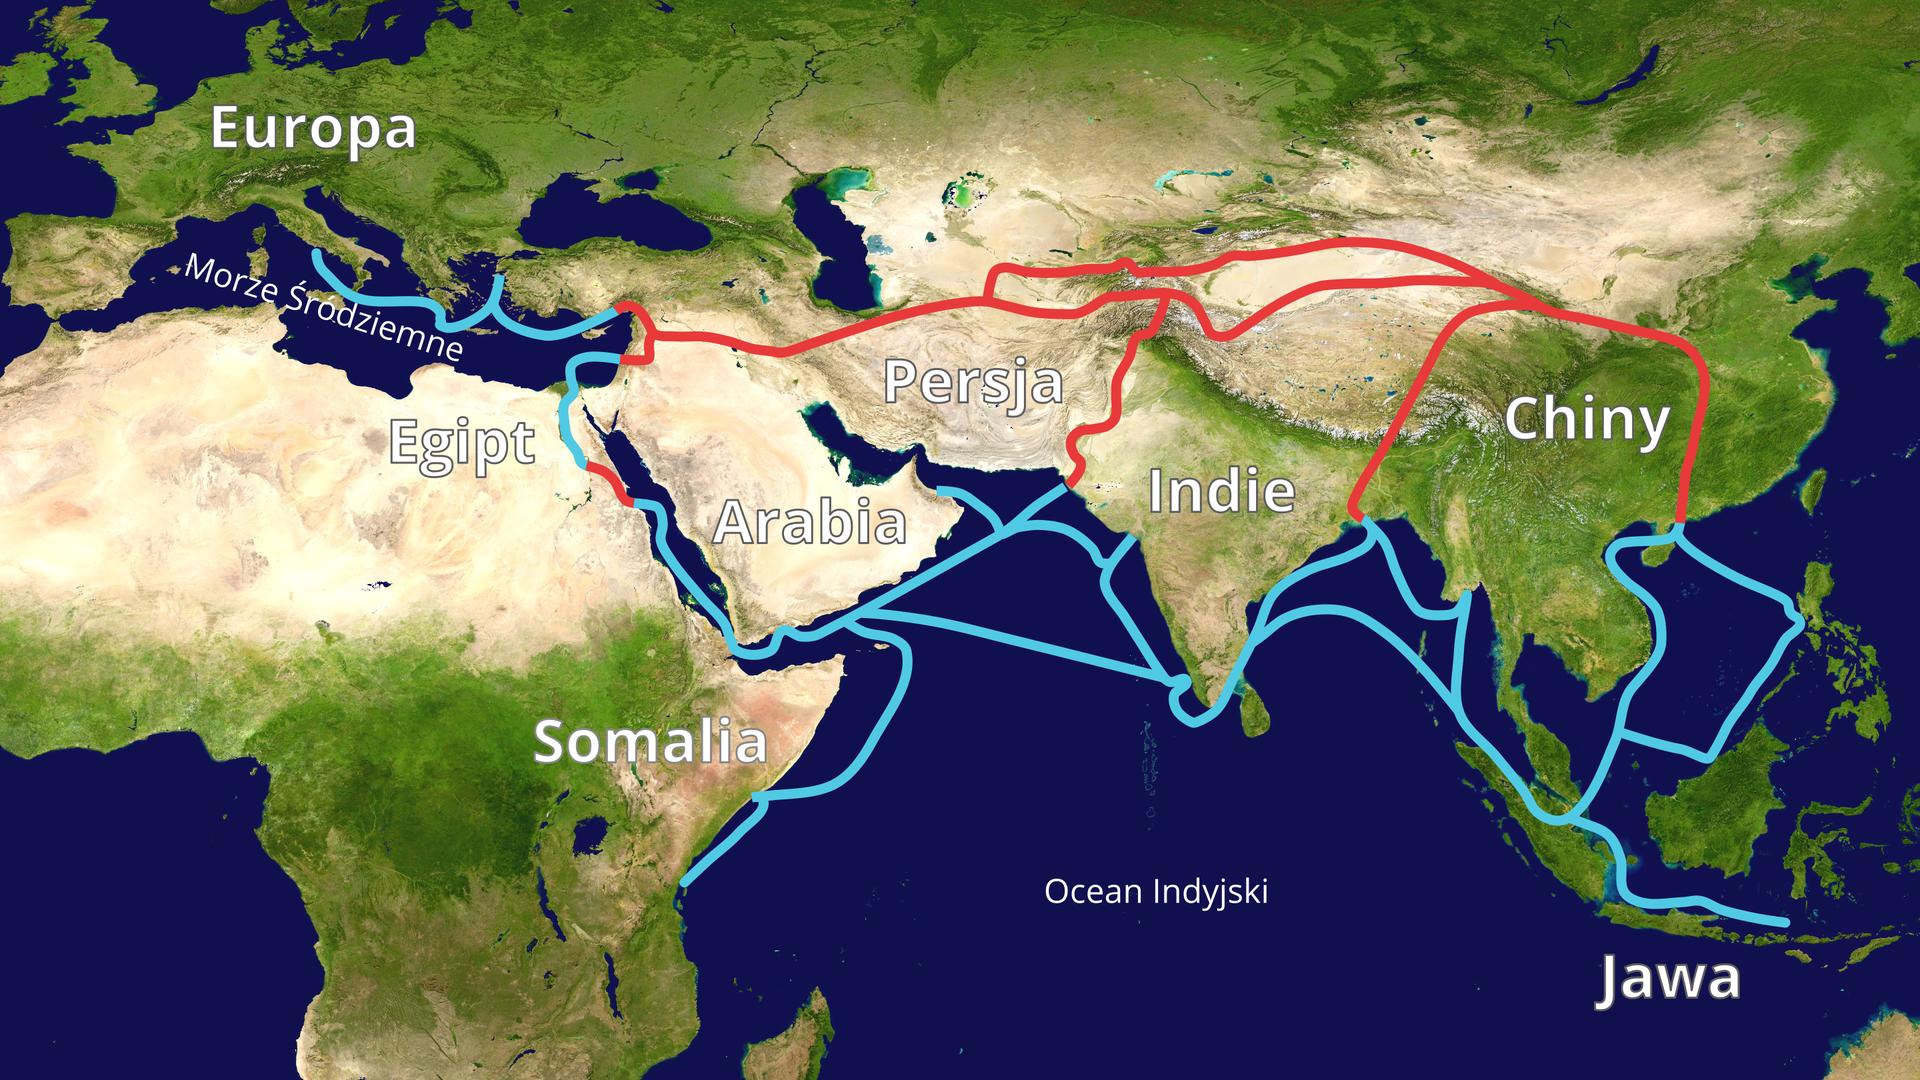 Ilustracja przedstawia mapę południowej części Europy iAzji oraz północną część Afryki. Morza ioceany przedstawione kolorem granatowym, alądy od intensywnie zielonego po jasnożółty wzależności, czy na danych terenach występuje roślinność (zielony), czy są to tereny pustynne (żółty). Na mapie opisane są Europa, Egipt, Somalia, Arabia, Persja, Indie, Chiny, Jawa, Morze Śródziemne iOcean Indyjski. Wyrysowane są szlaki prowadzące zWłoch do krajów opisanych na mapie. Szlaki wodne mają kolor niebieski, aszlaki lądowe kolor czerwony.